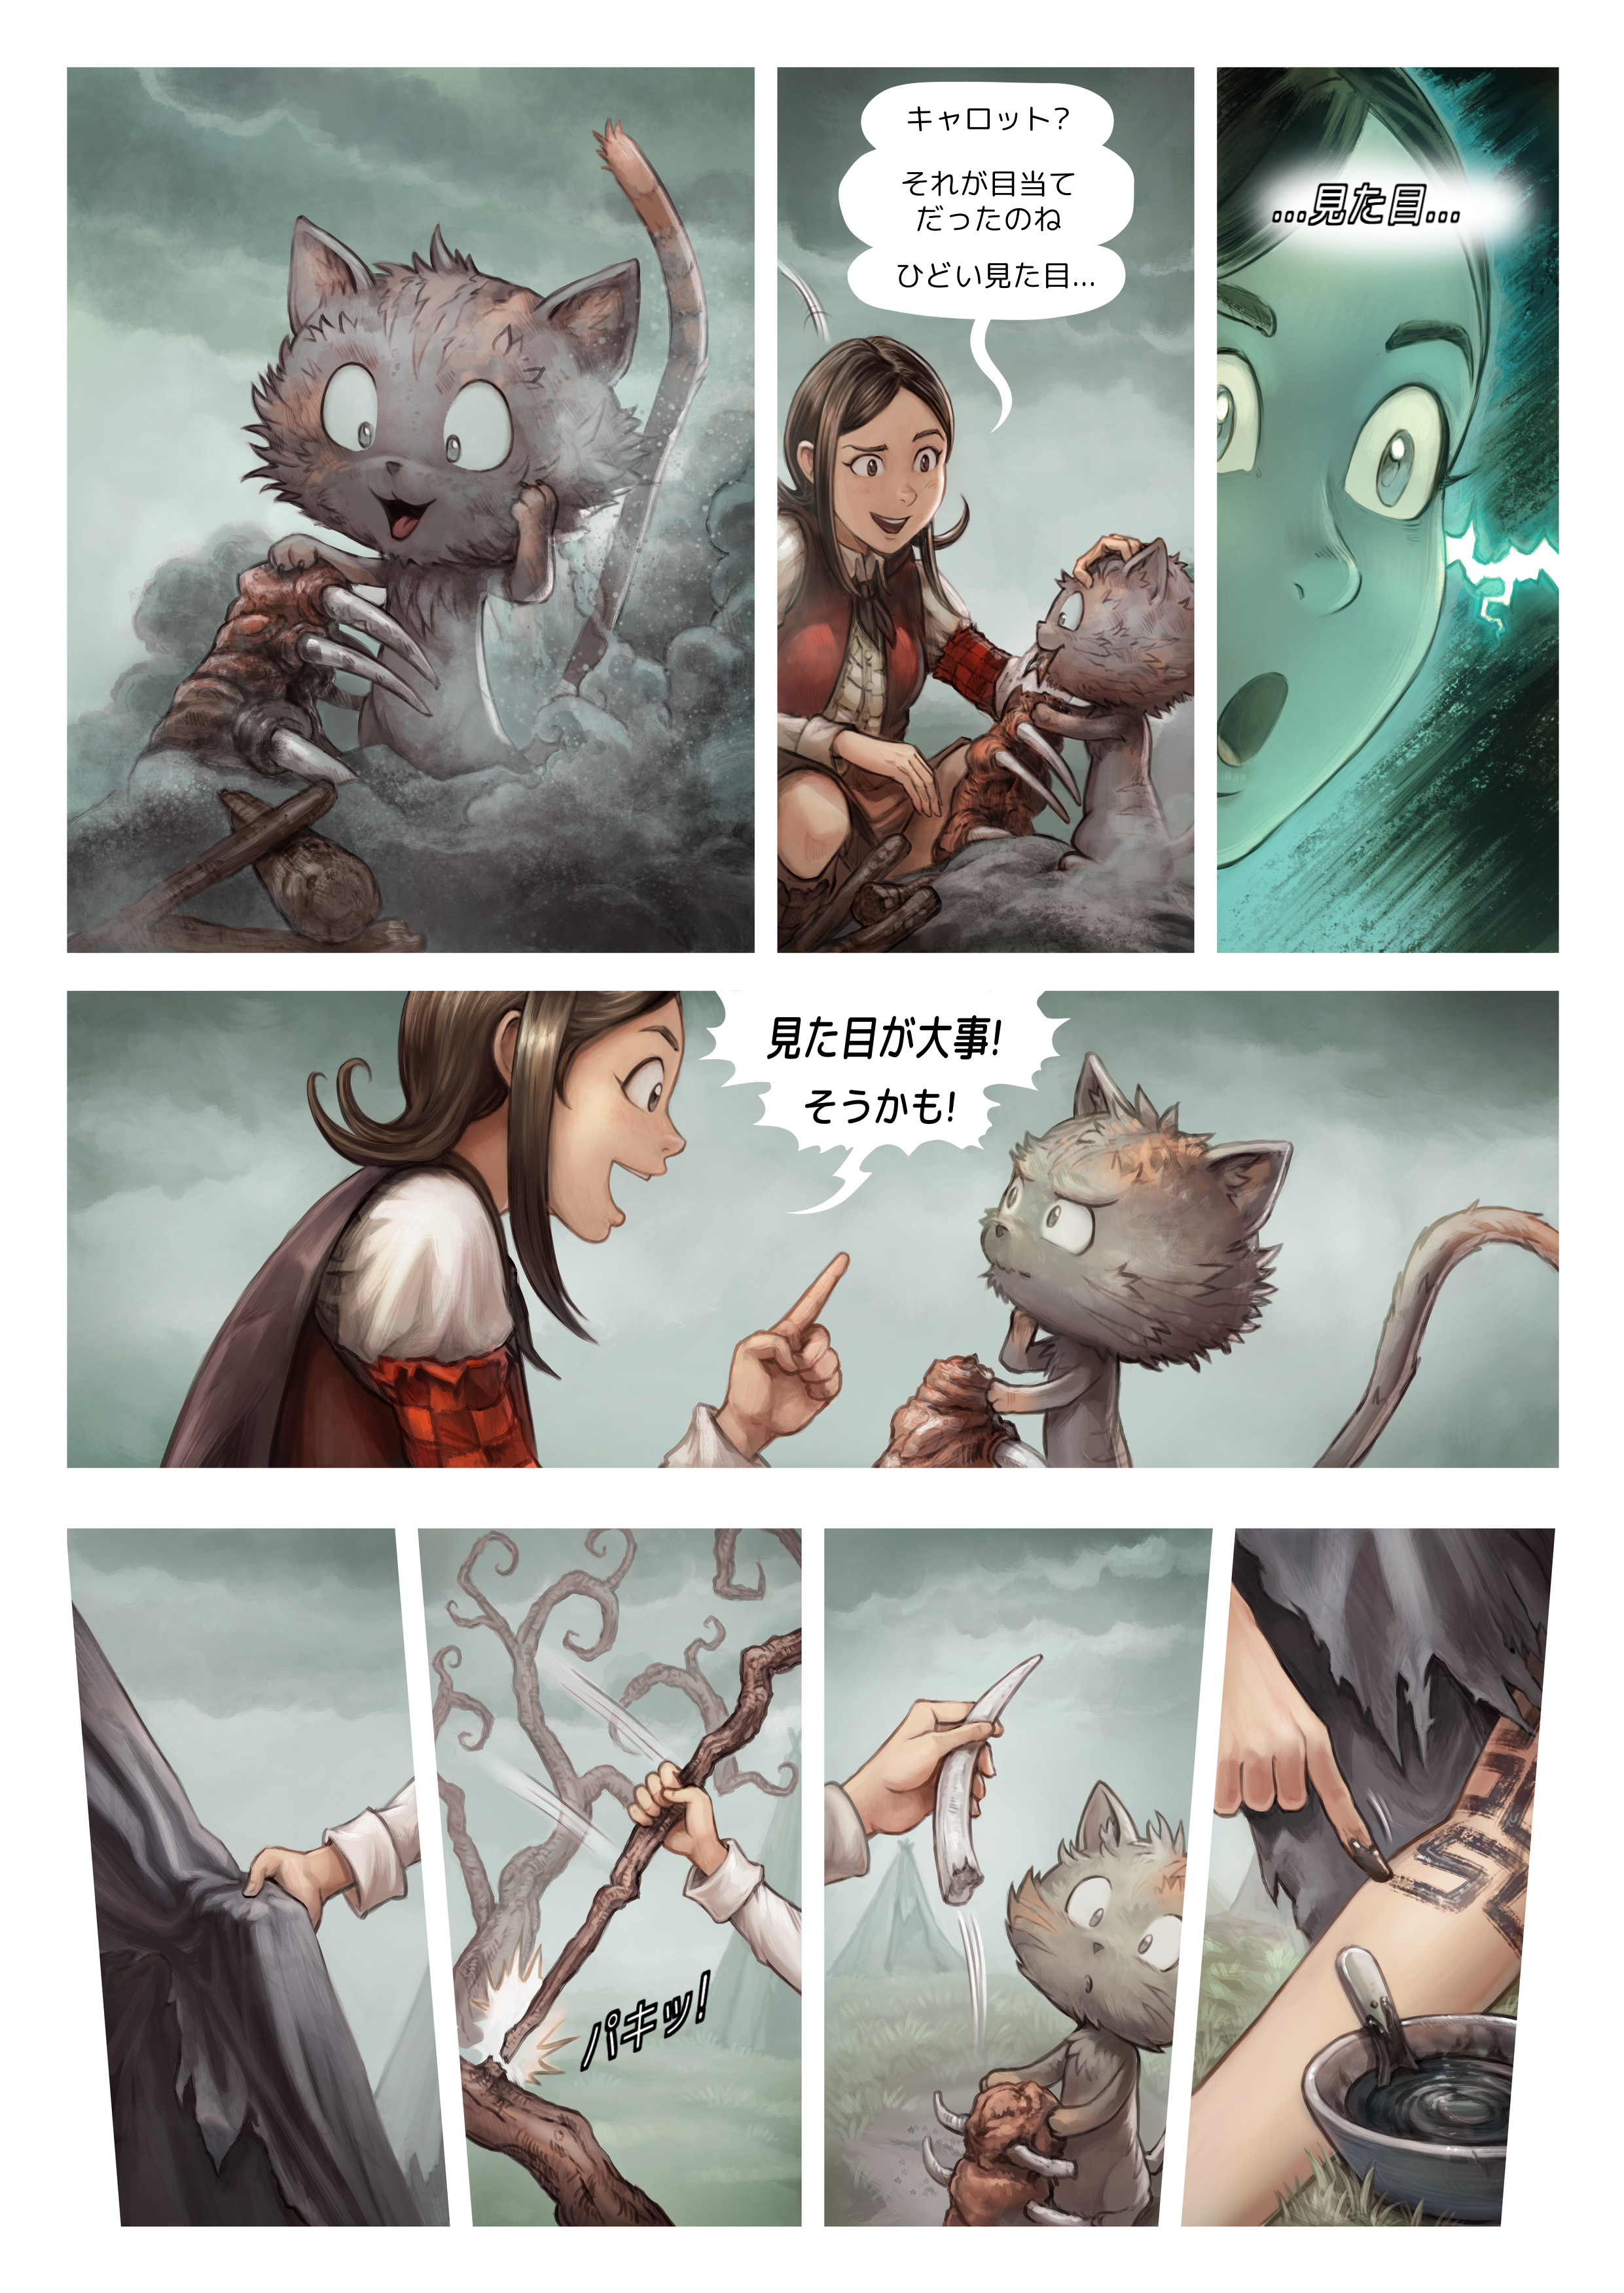 エピソード 32: 戦場, ページ 5